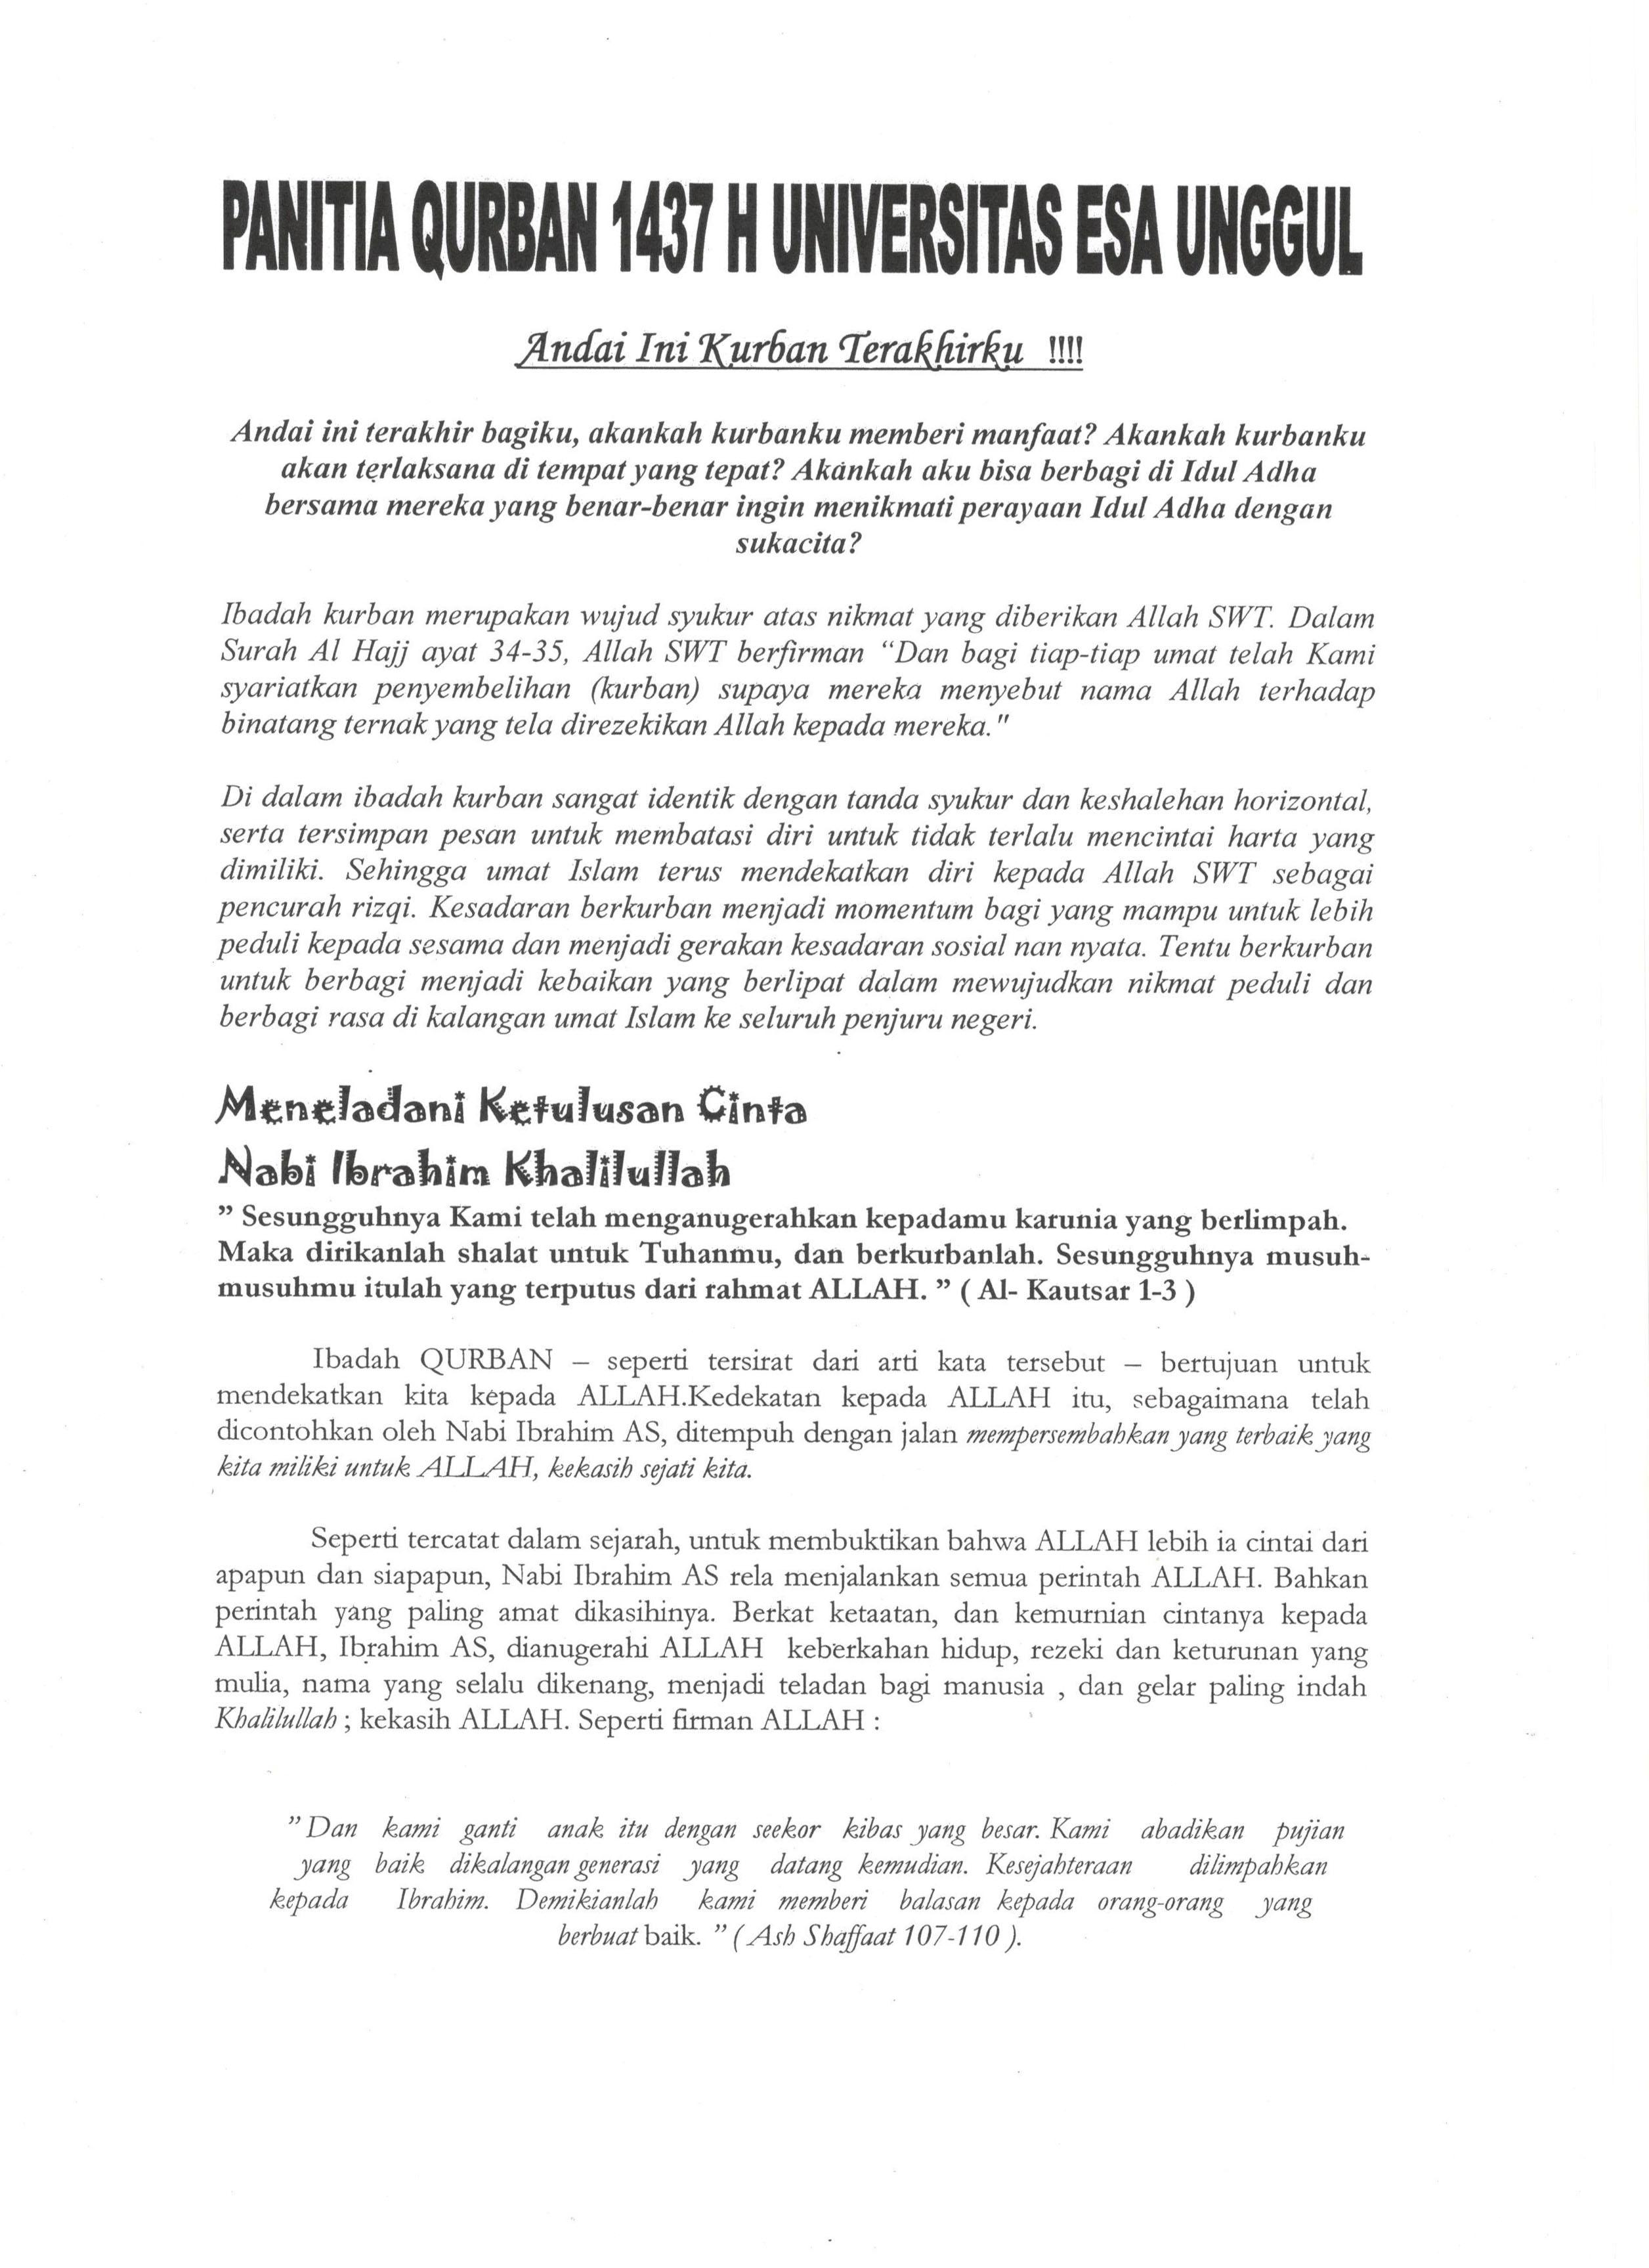 Himbauan Berkurban di Universitas Esa Unggul 2016